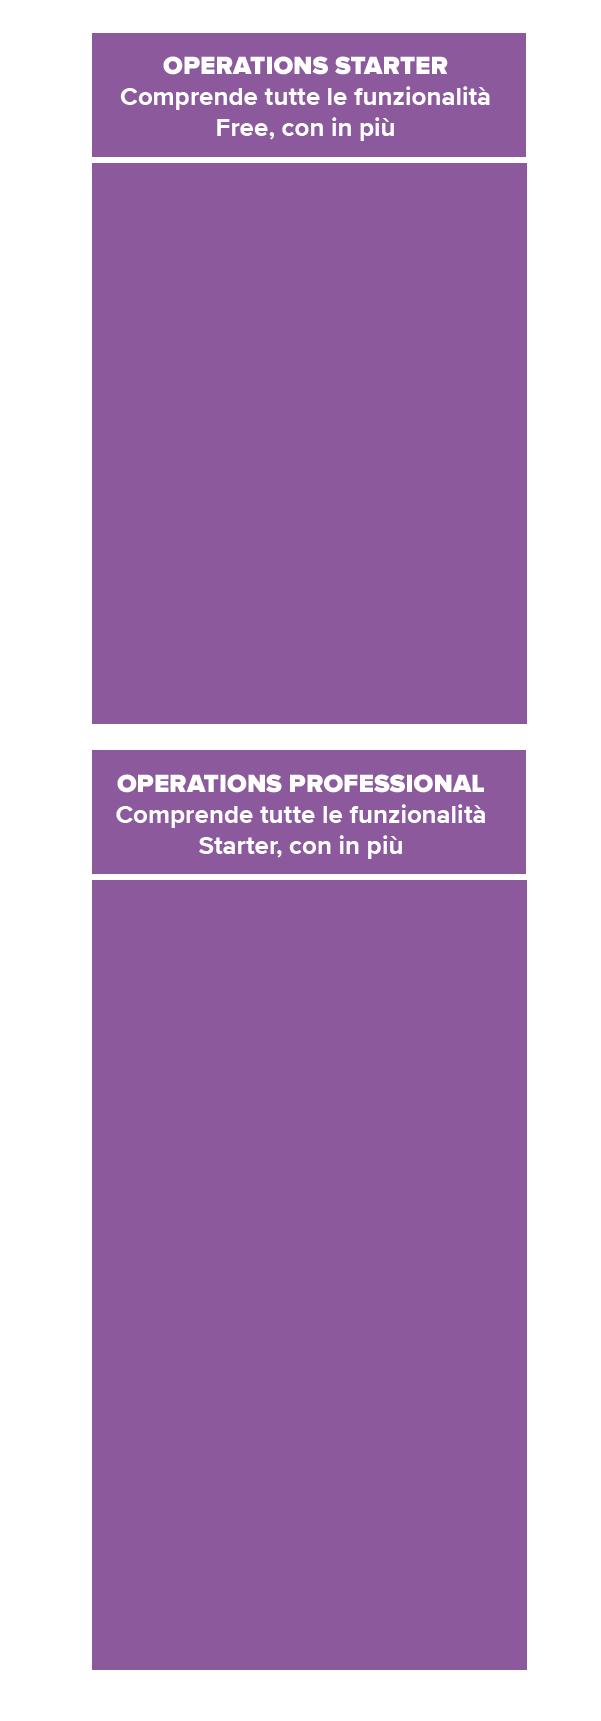 tabella_articolo_operations_mob